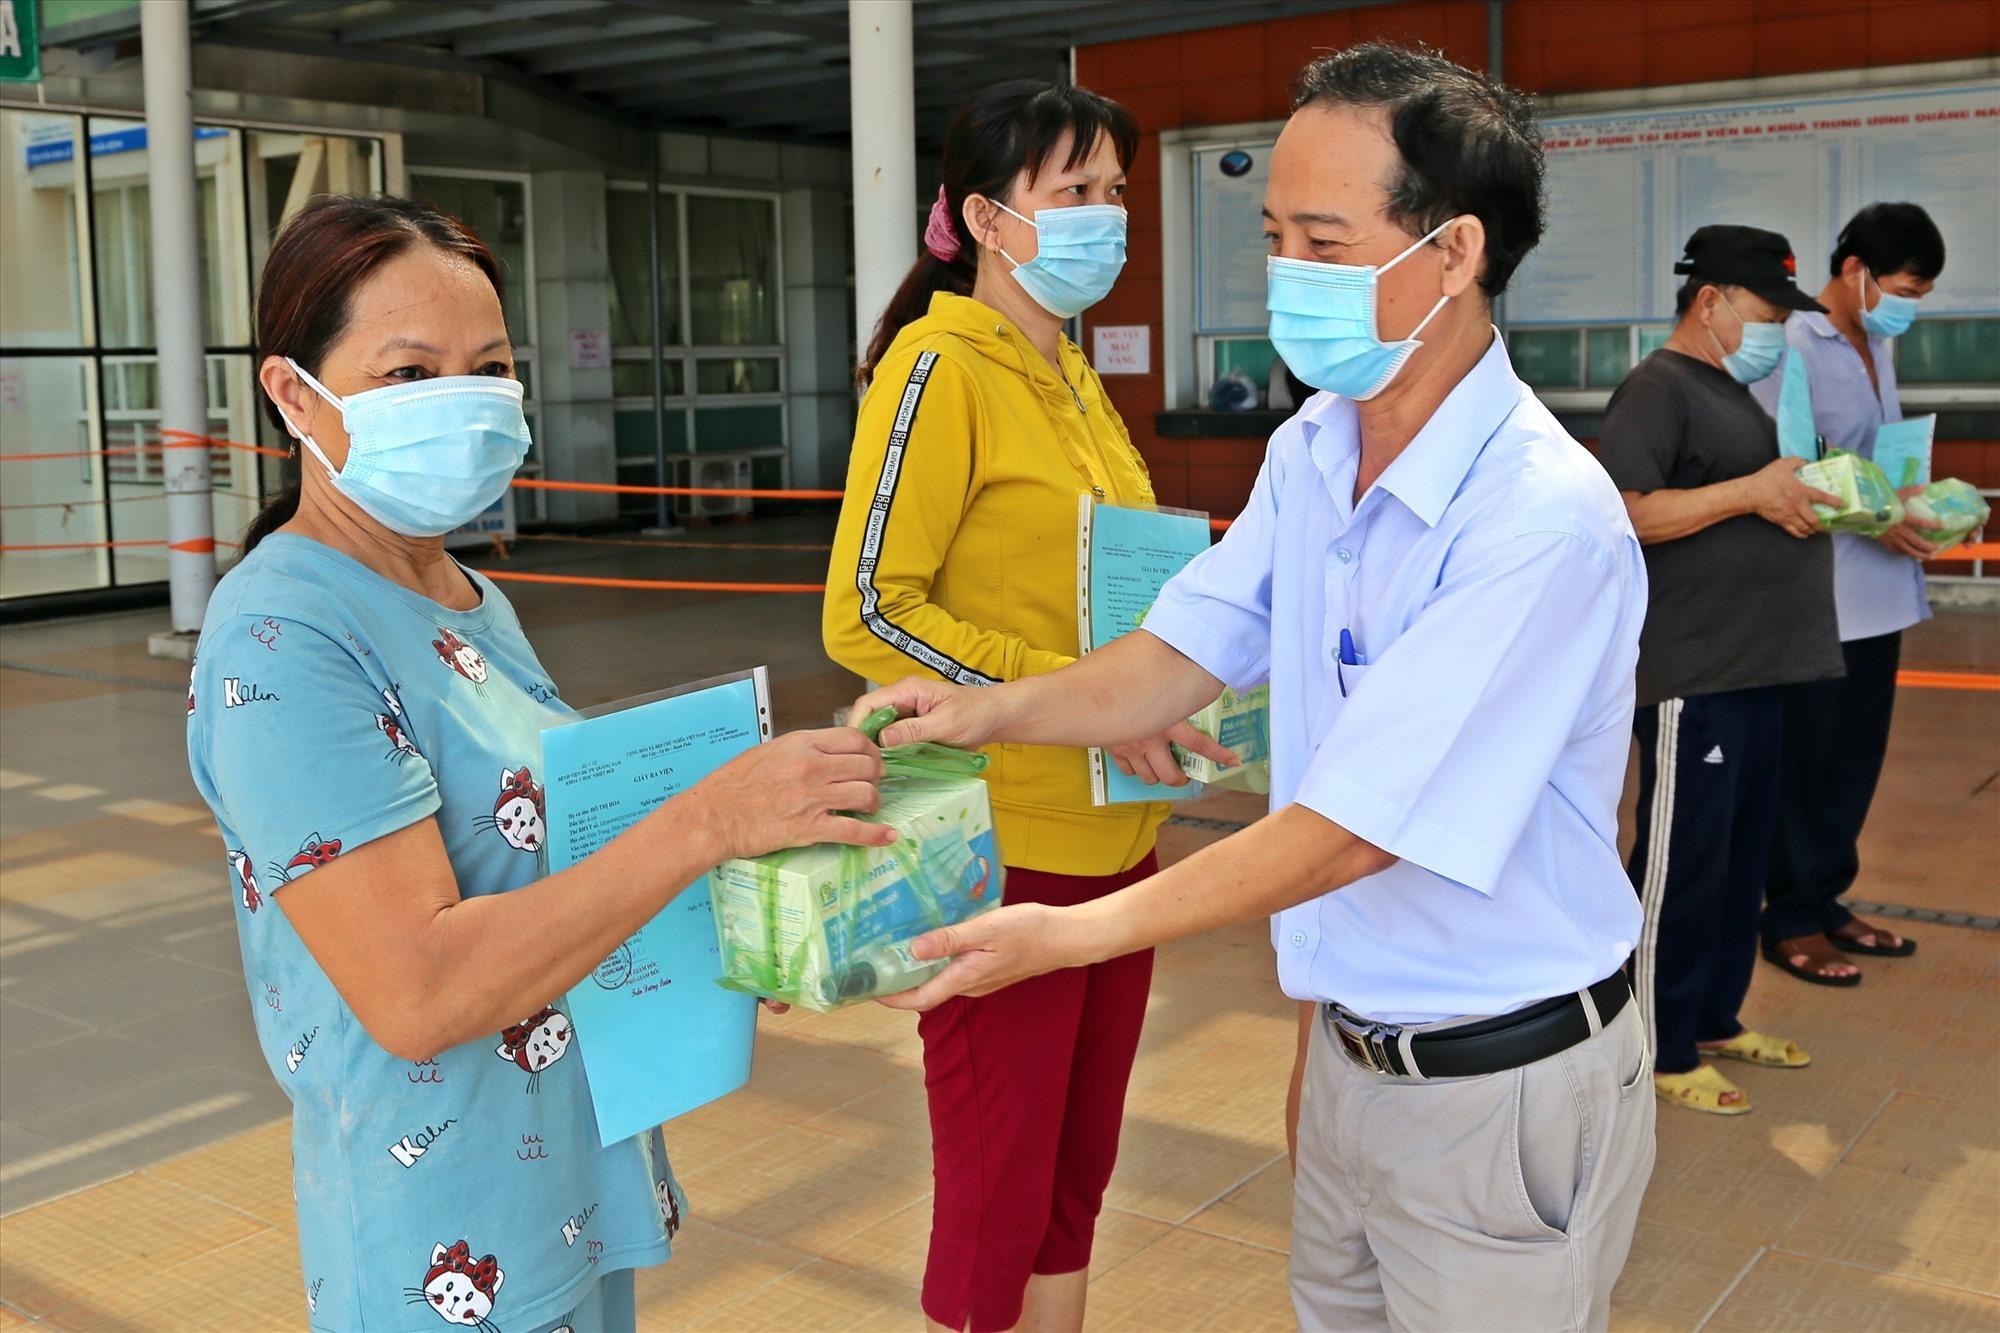 ác bệnh nhân xuất viện được bệnh viện tặng quà là các trang thiết bị y tế cần thiết, dặn dò theo dõi sức khỏe tại nhà. Ảnh: Đ. YÊN